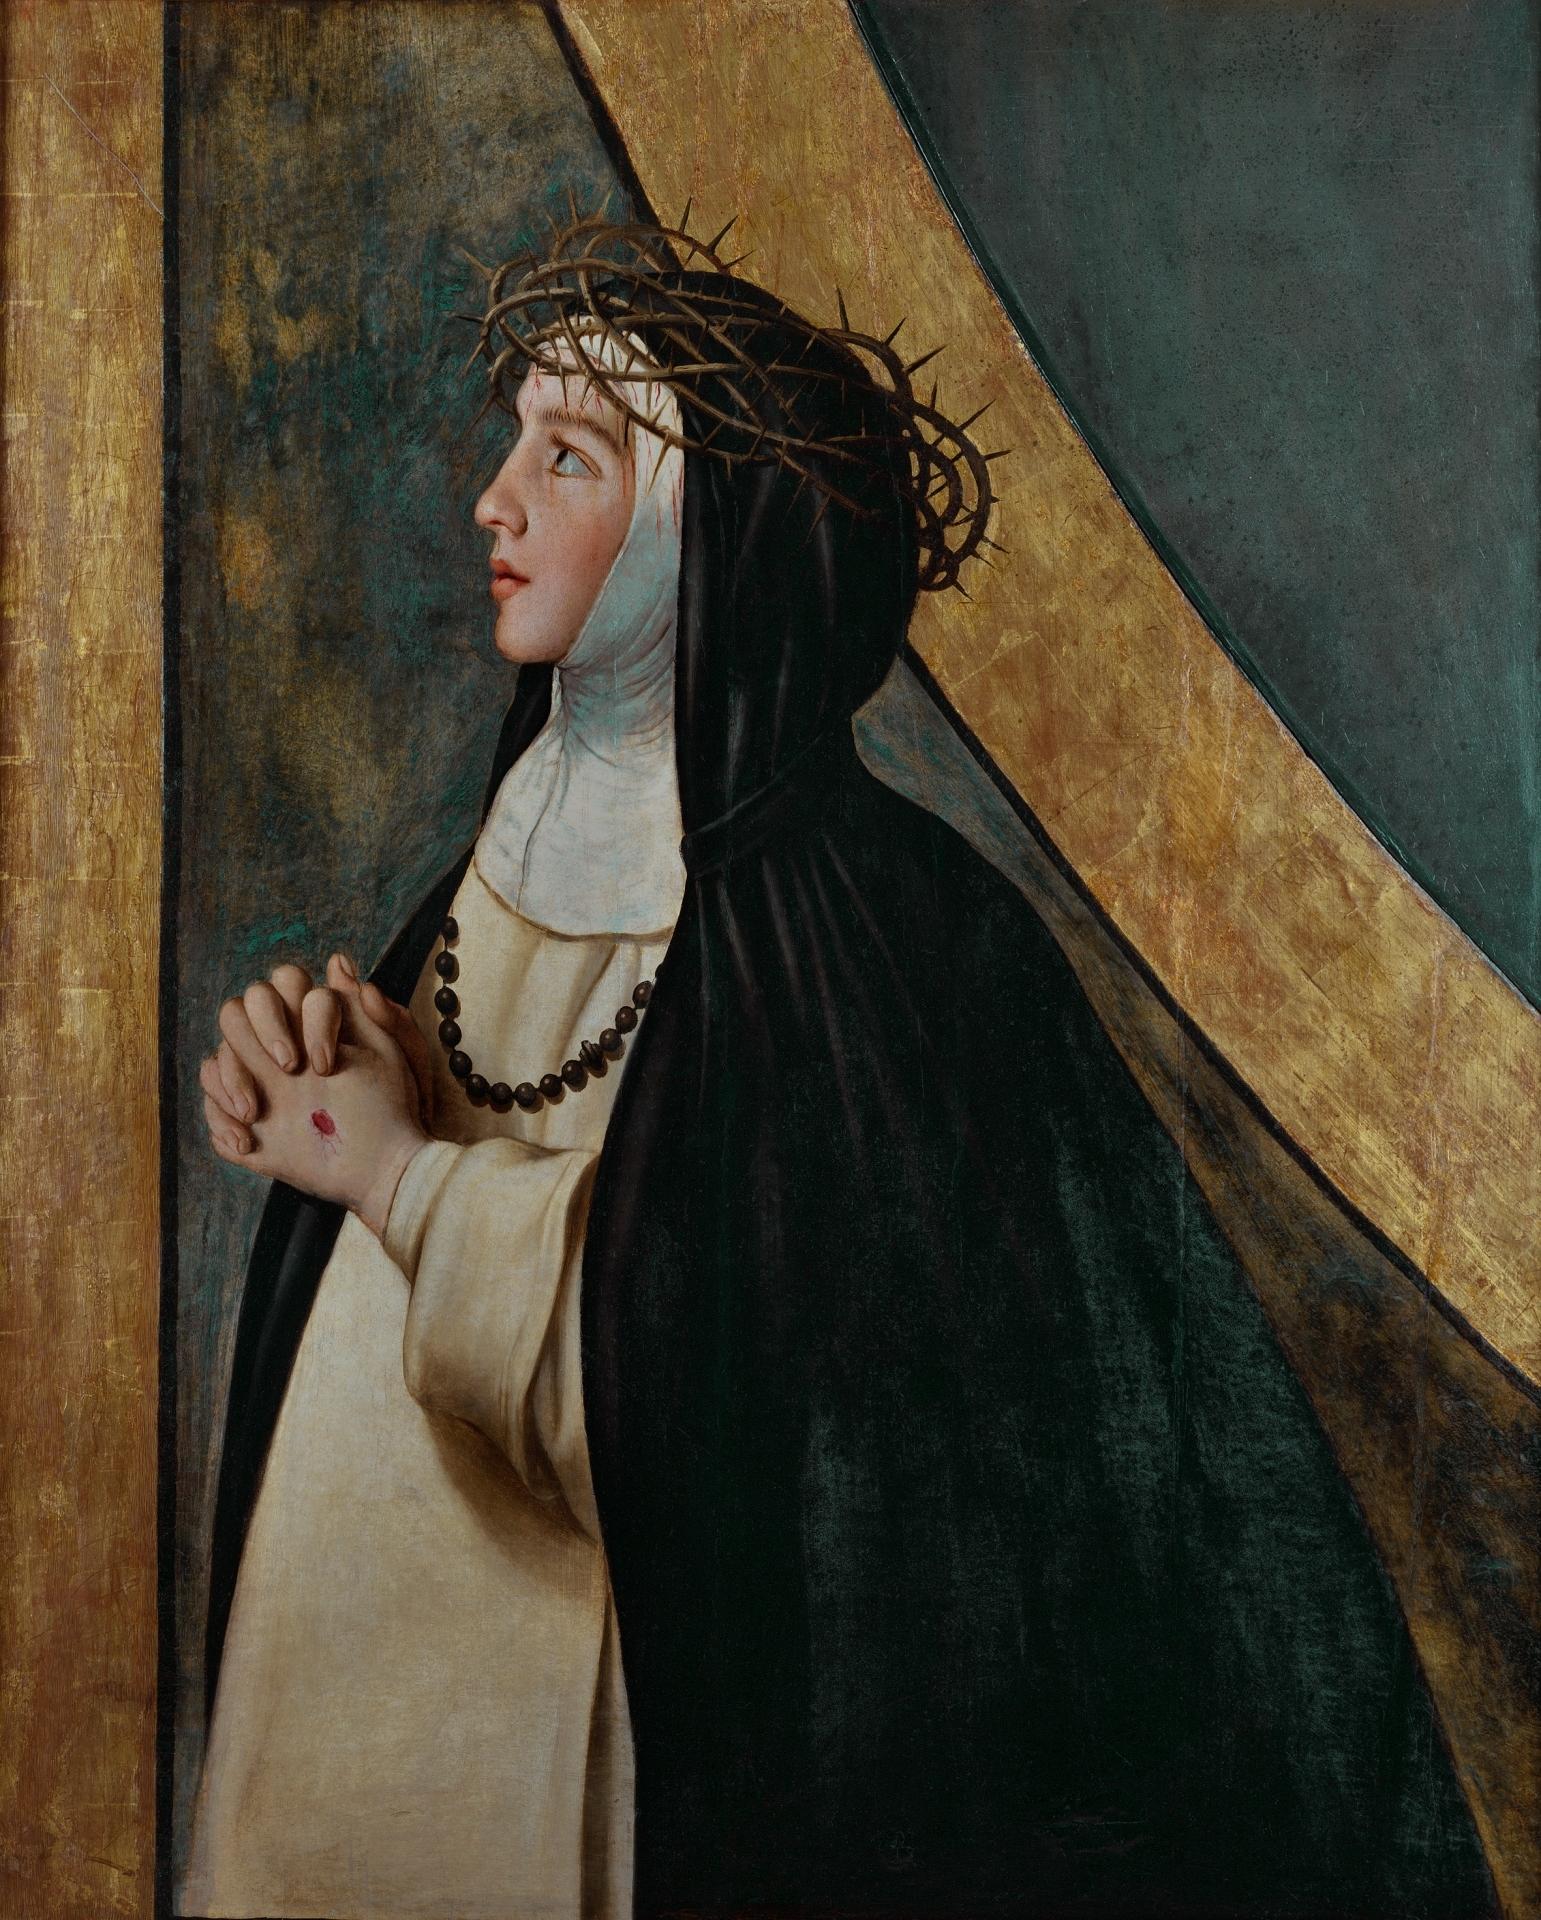 LA CHARITÉ (par un Disciple de Saint Dominique) (en français) 23571543-5878-4a63-a320-8434ec7cb230